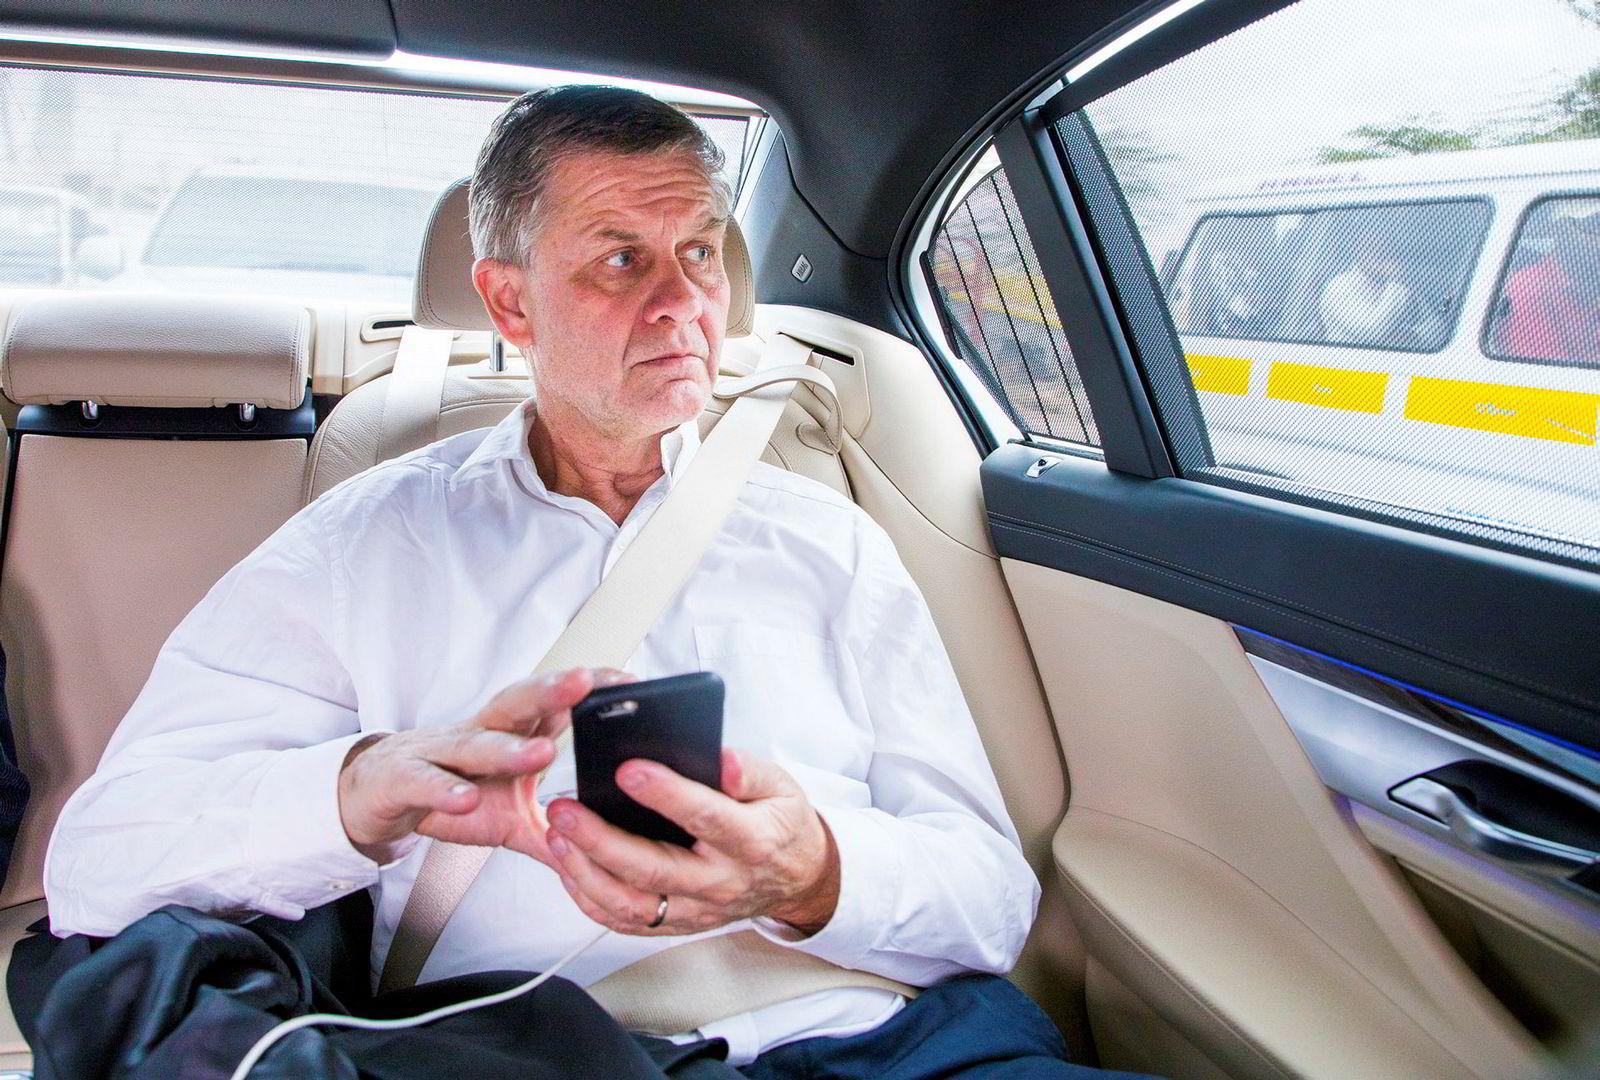 Erik Solheim oppdaterer seg på mobilen mens han kjører FNs forlengede BMW-limousin fra flyplassen til kontoret i Nairobi tidligere i høst.